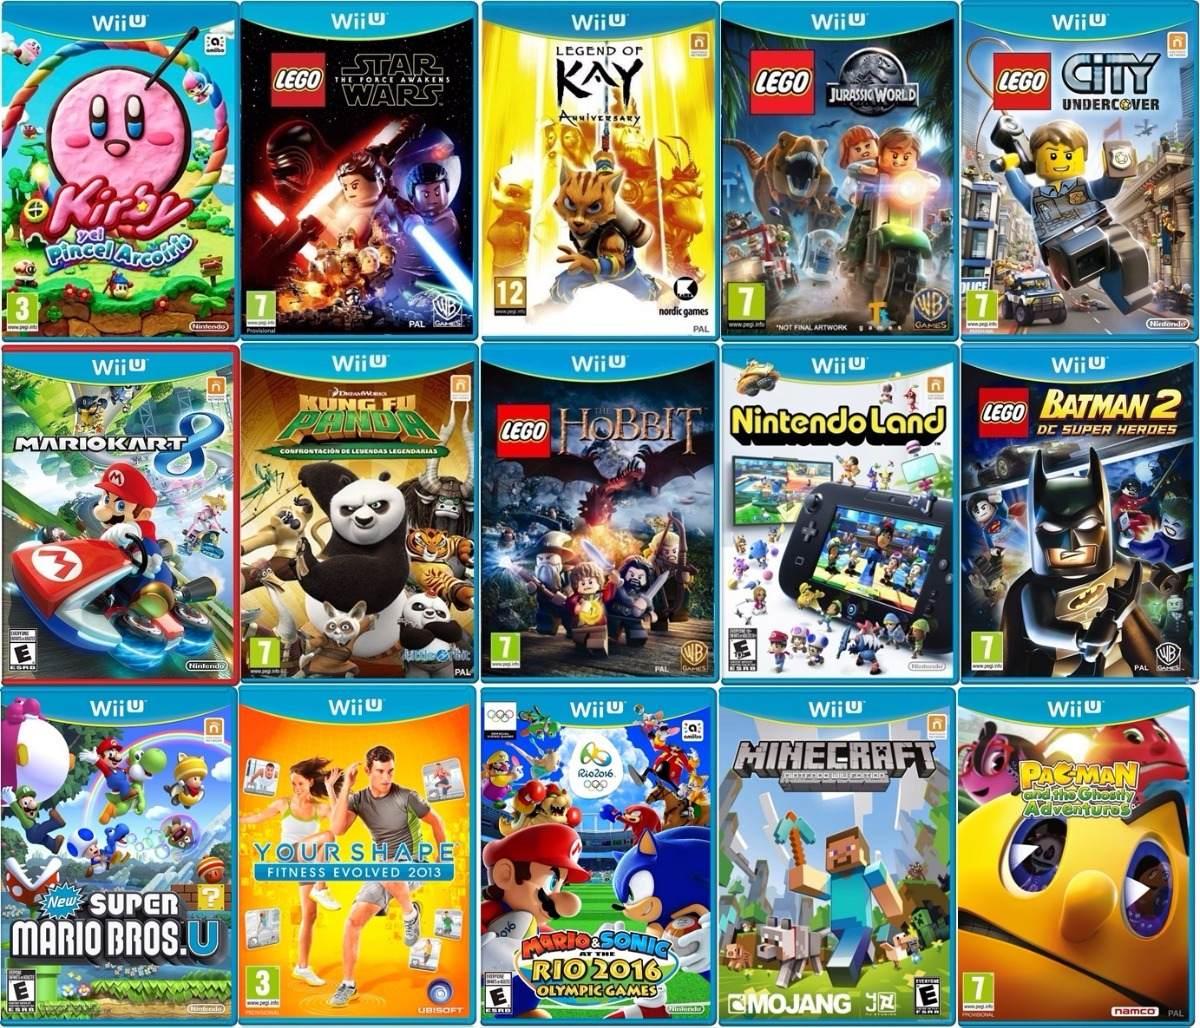 Nintendo Wii U 500gb 90 Wiiu Juegos Mejor Que Switch